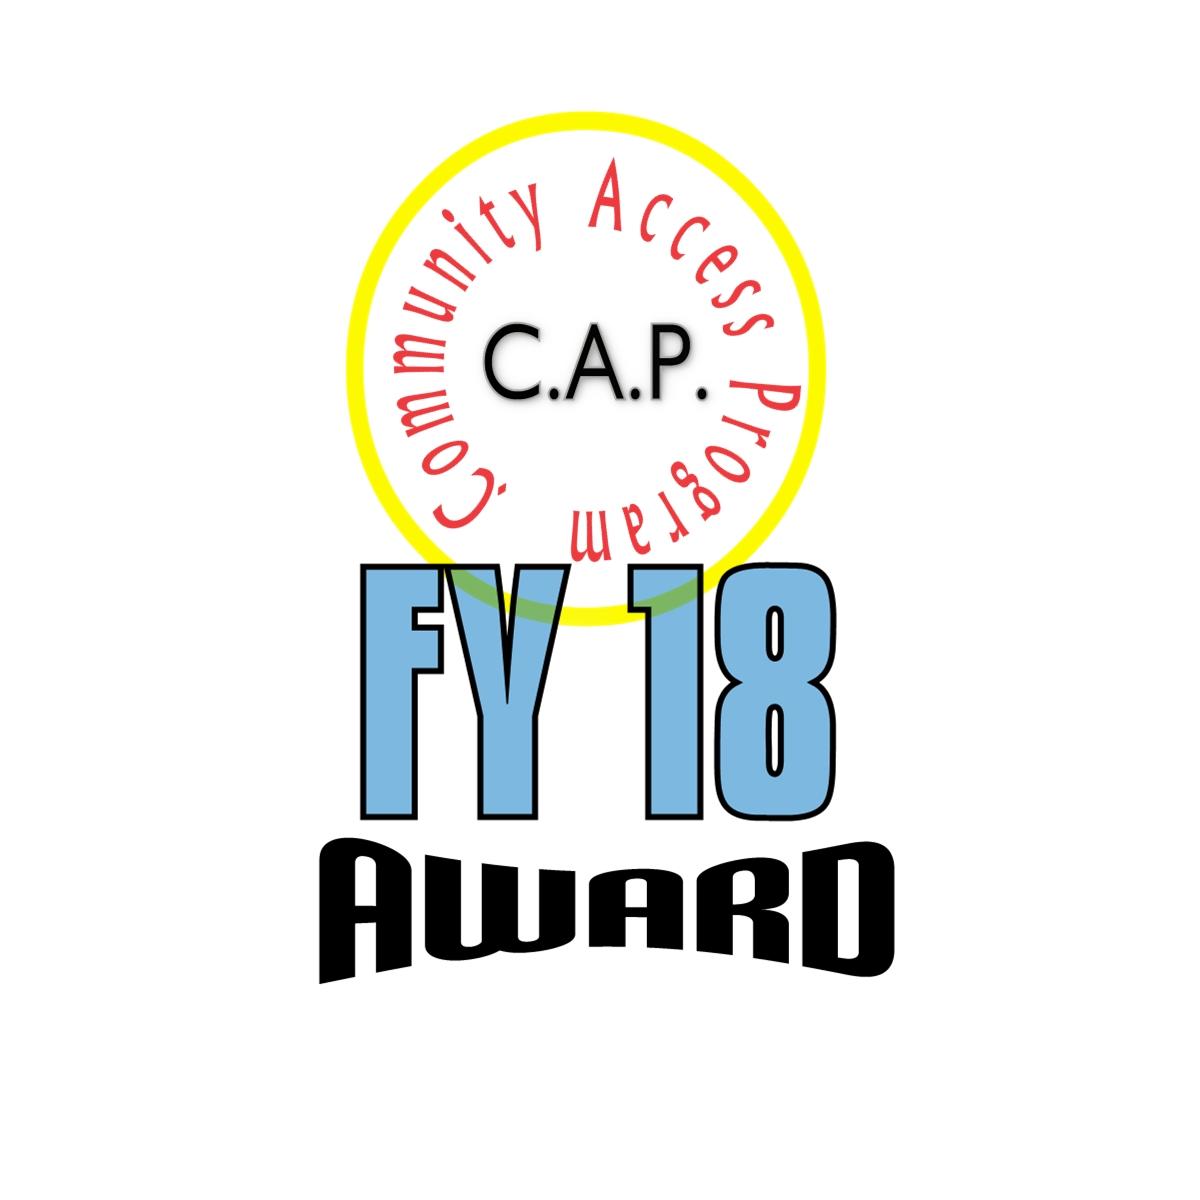 CAP (FY18) award logo.jpg